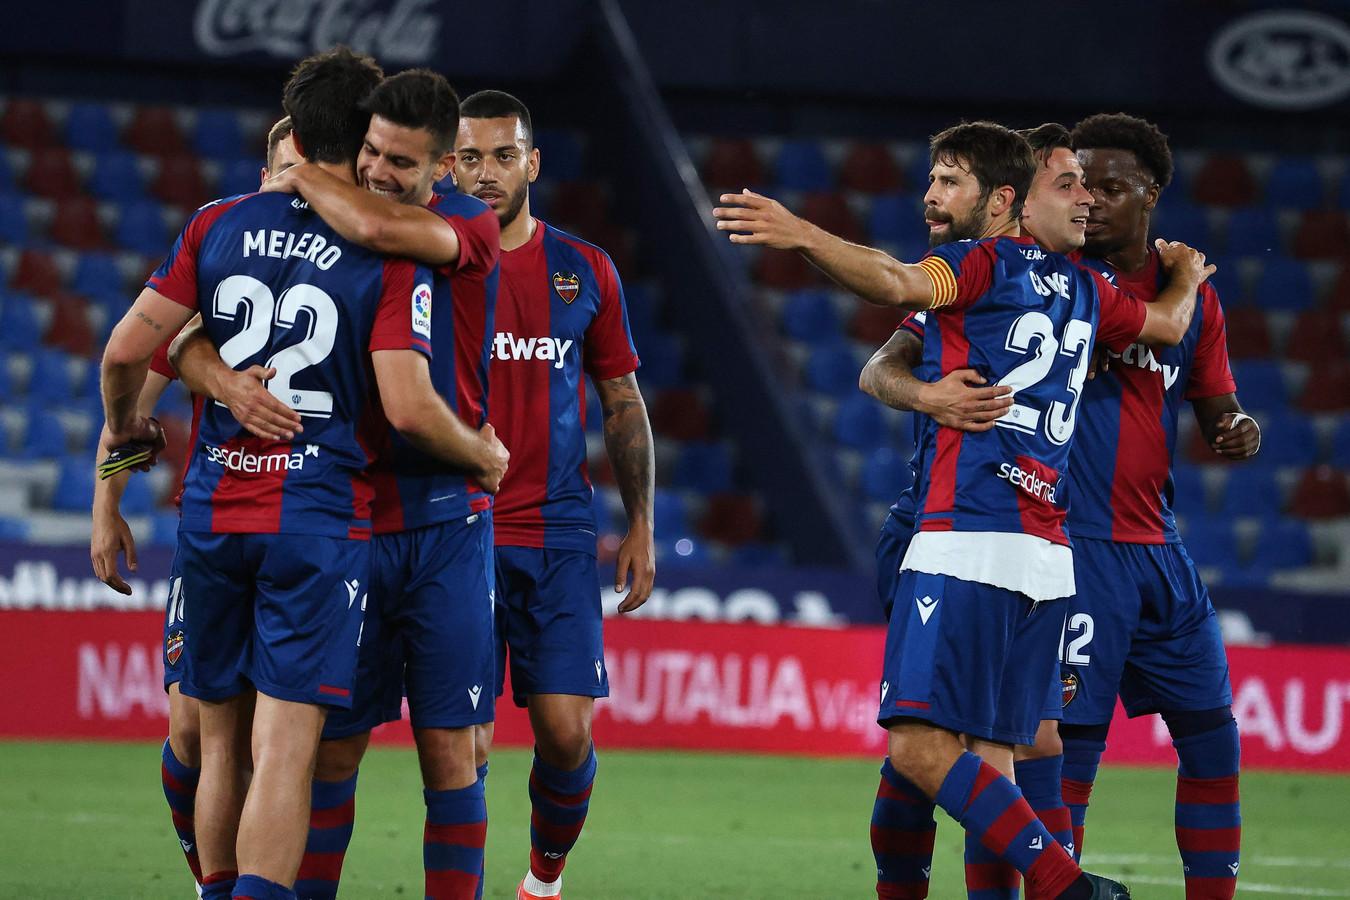 Levante zorgde voor een grote verrassing door FC Barcelona op een gelijkspel te houden.